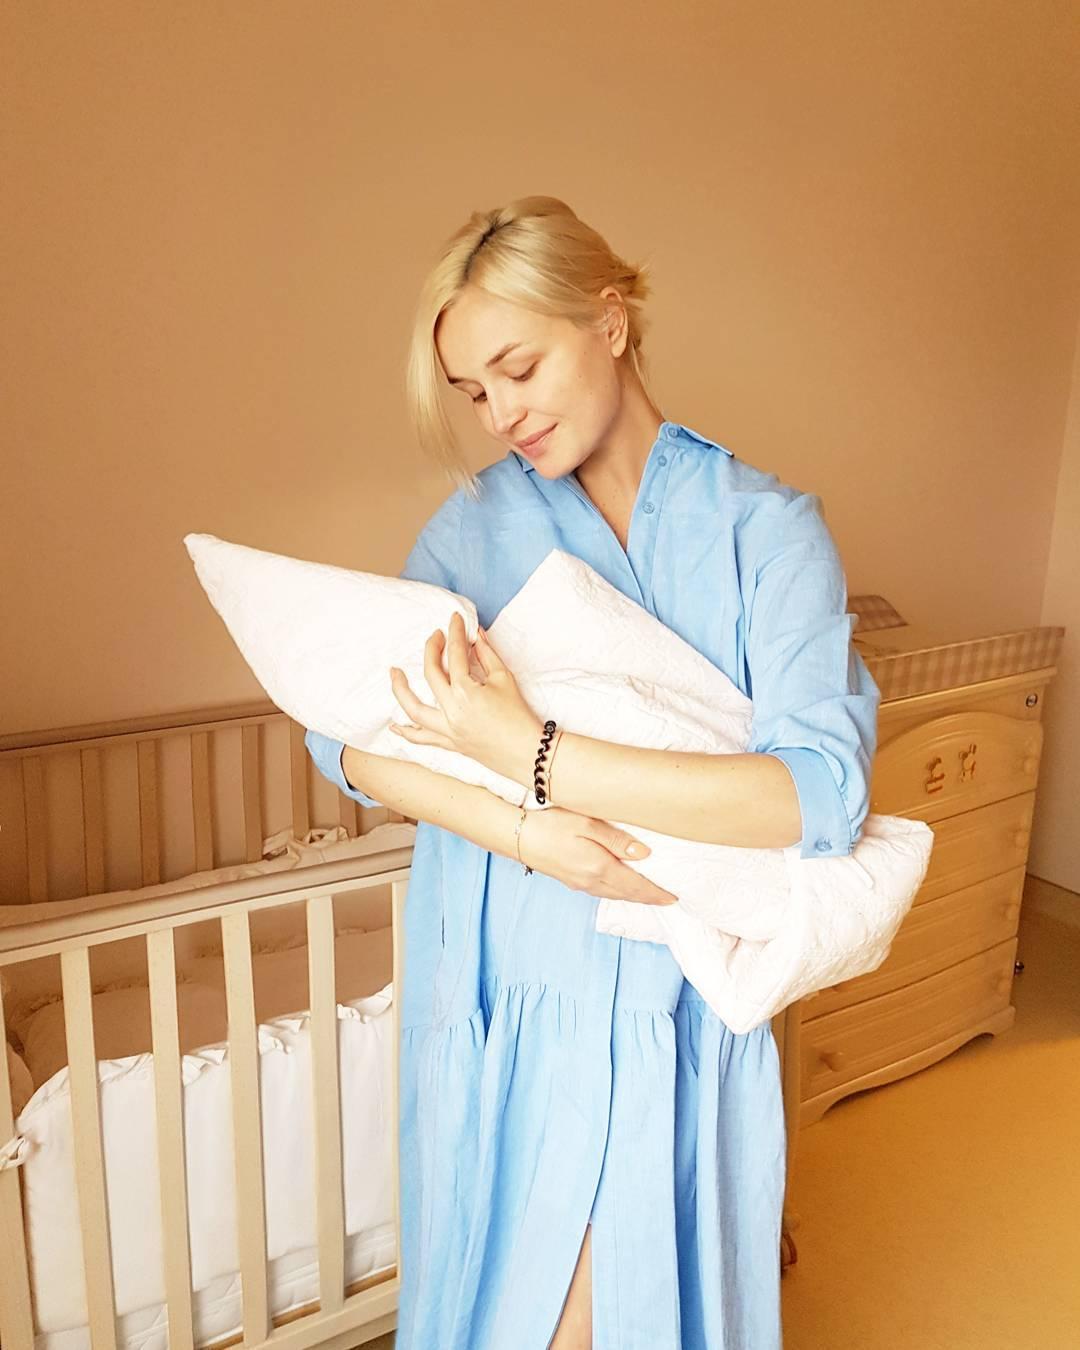 Полина Гагарина с новорожденной дочерью